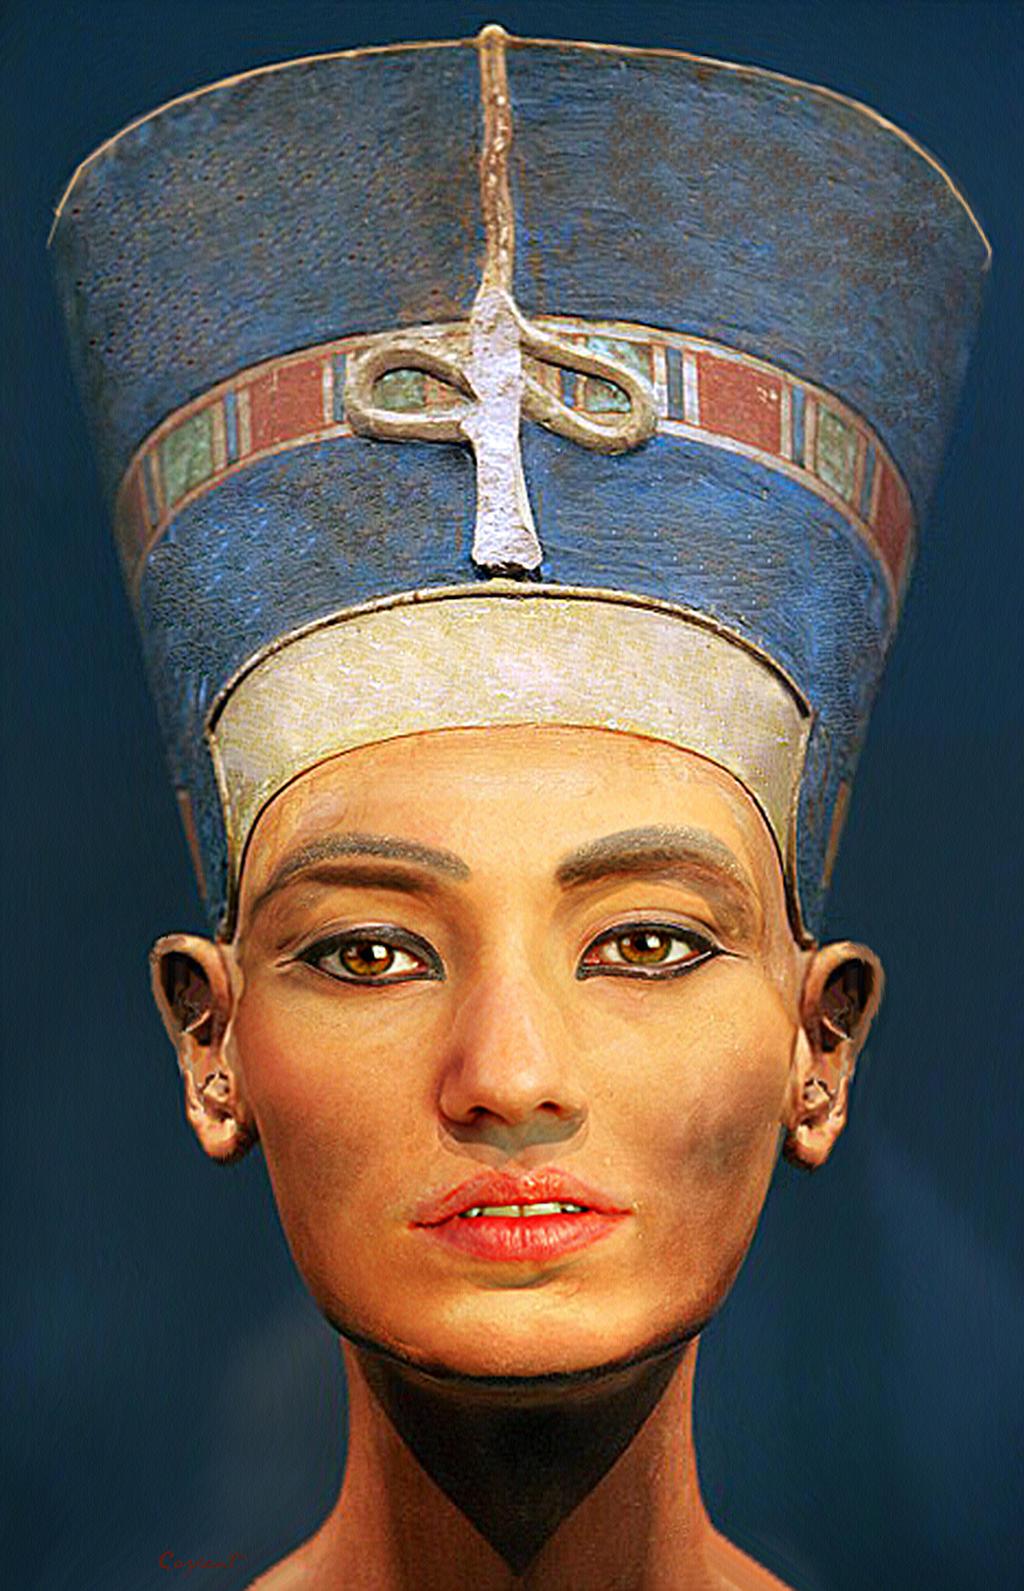 Nefertiti 2013 by Priapo40 on DeviantArt